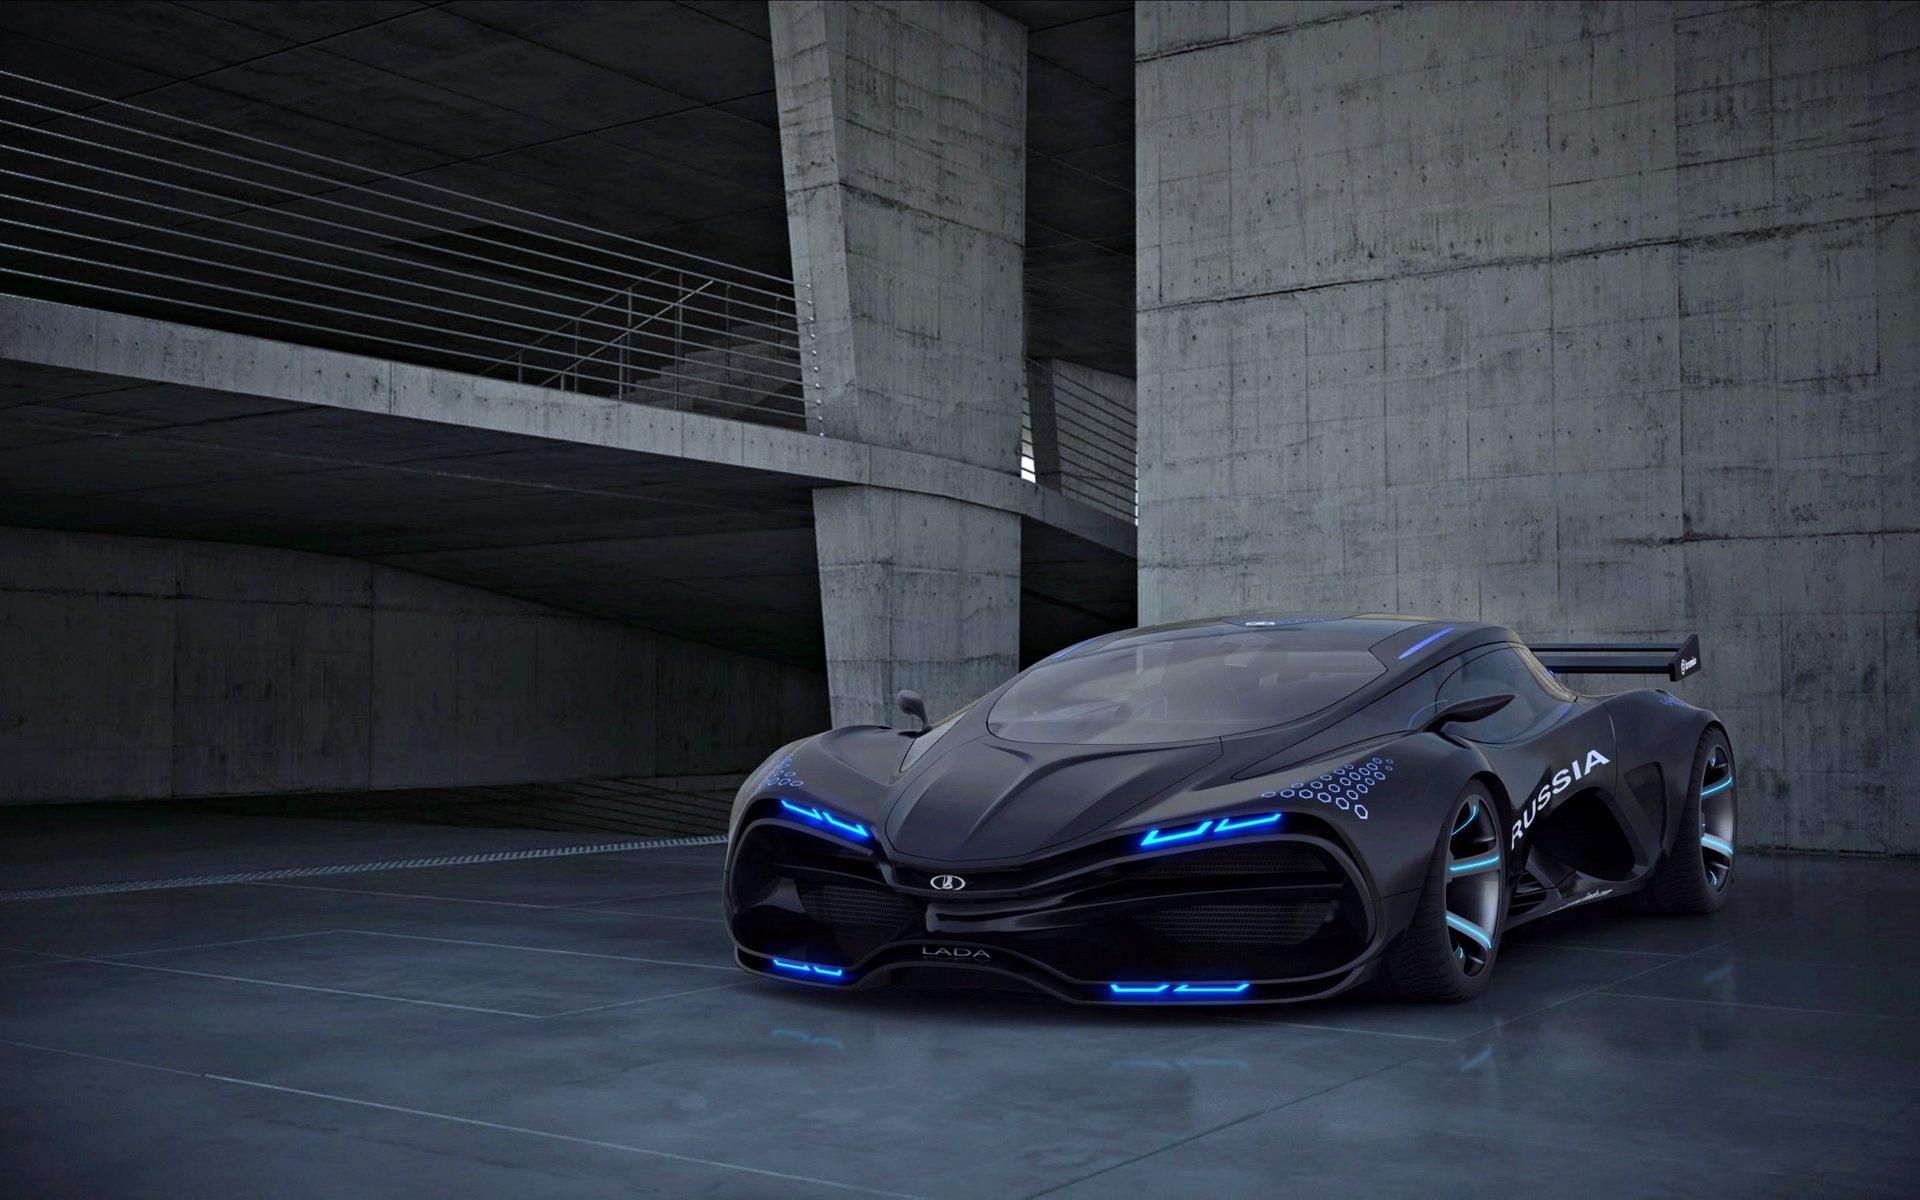 Vehicles - Lada Raven  Black Car Car Supercar Wallpaper